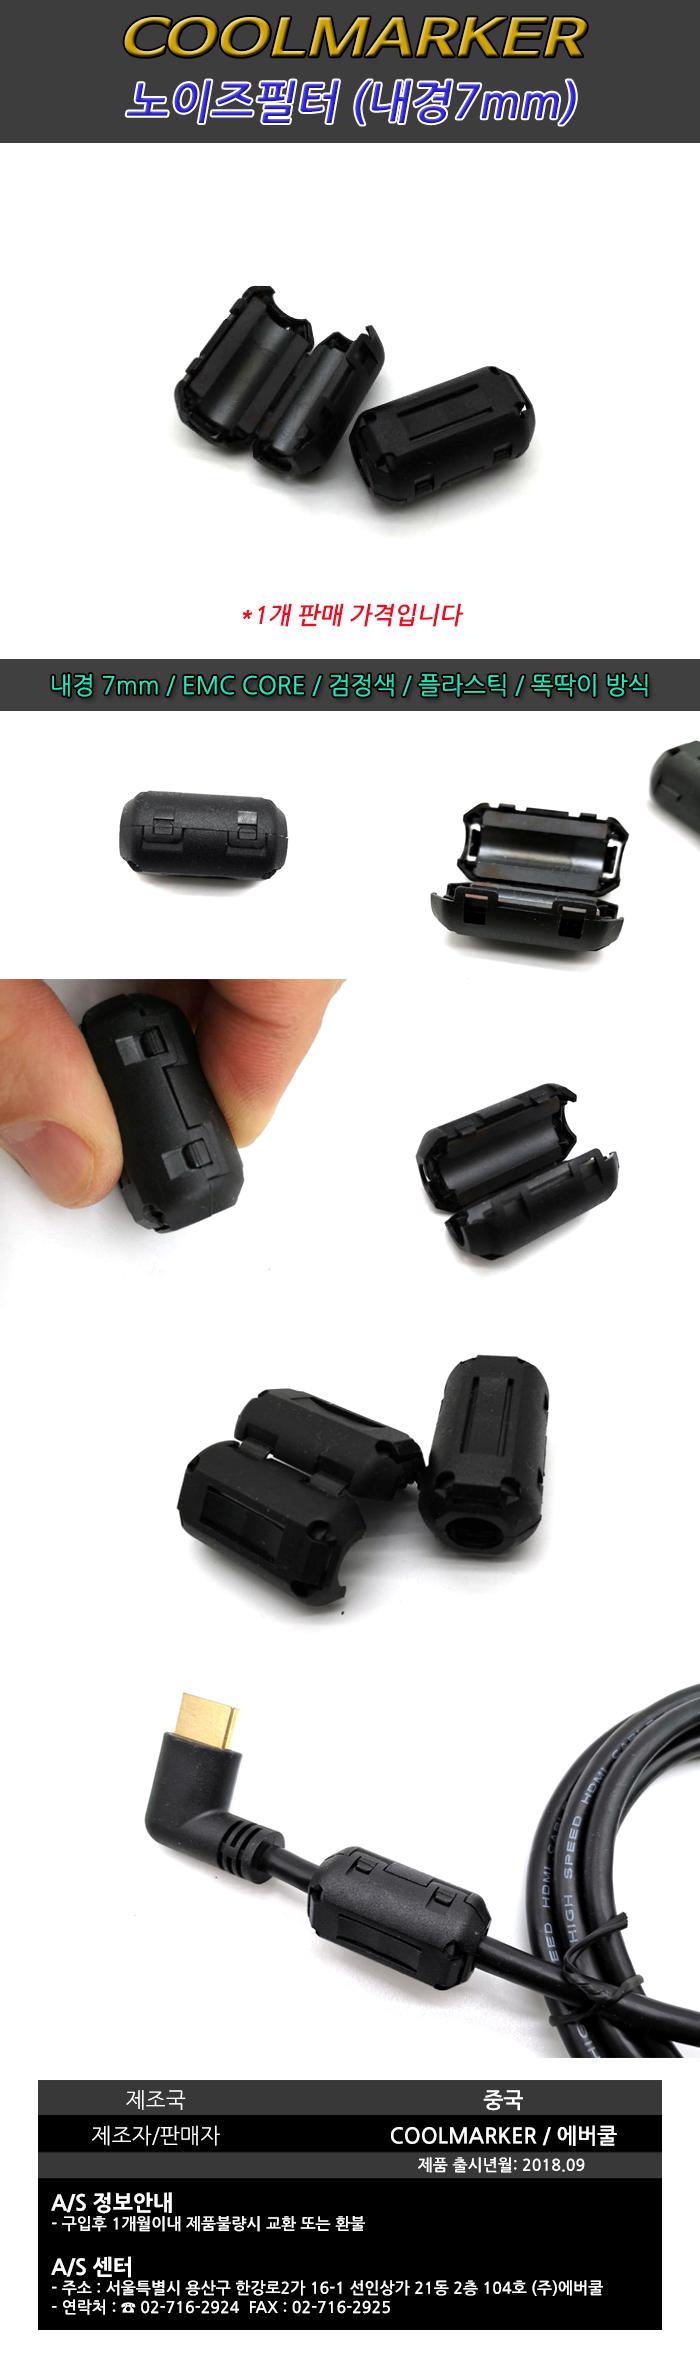 EVERCOOL COOLMARKER 7mm 노이즈 필터